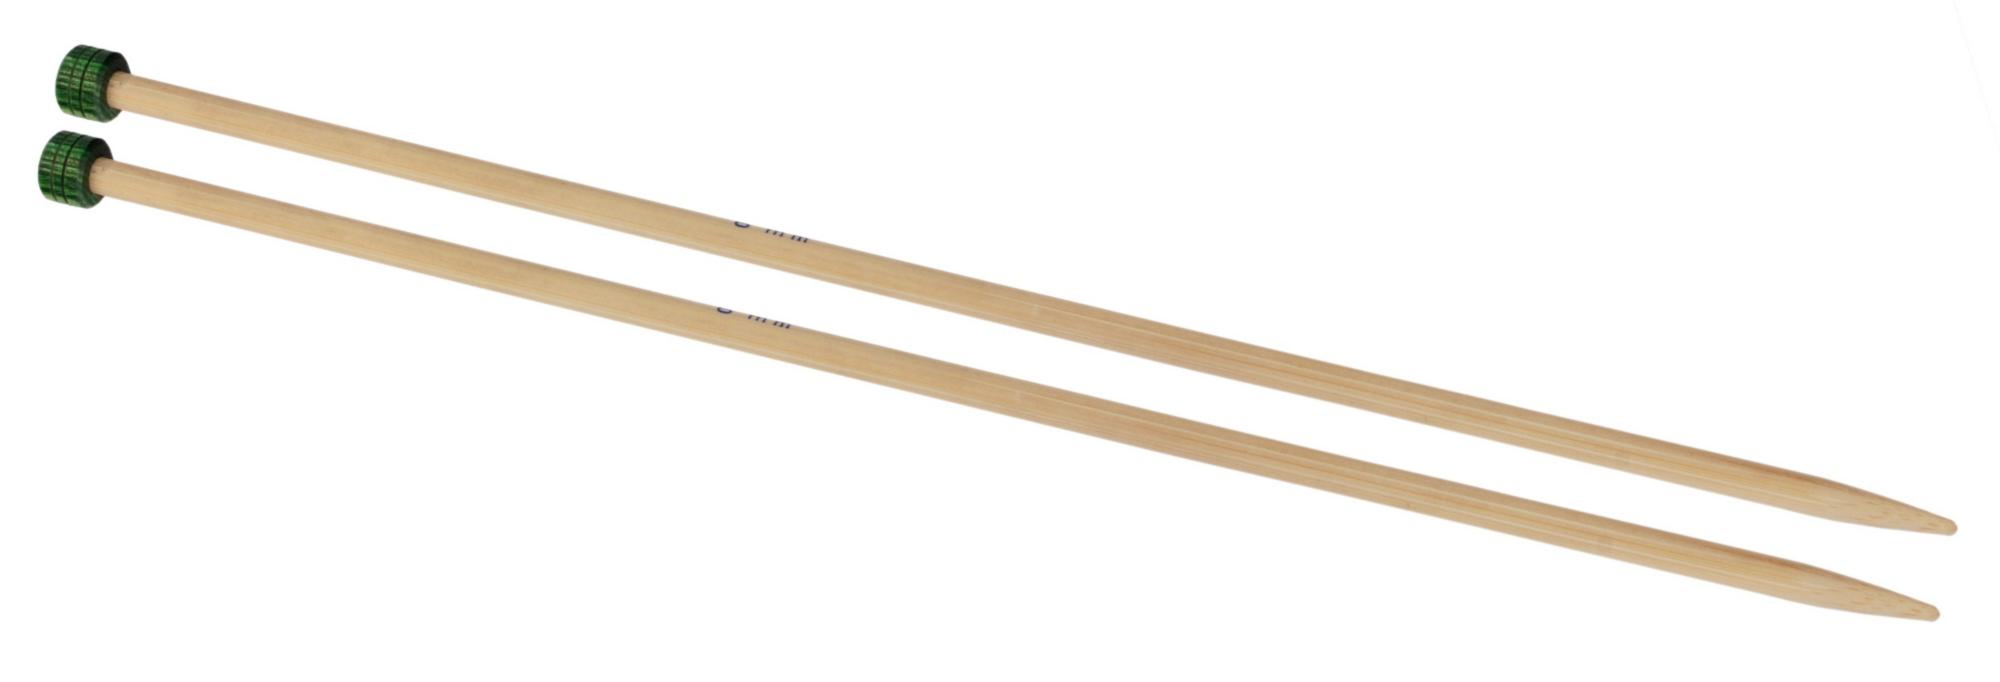 Спицы прямые 25 см Bamboo KnitPro, 22304, 2.75 мм